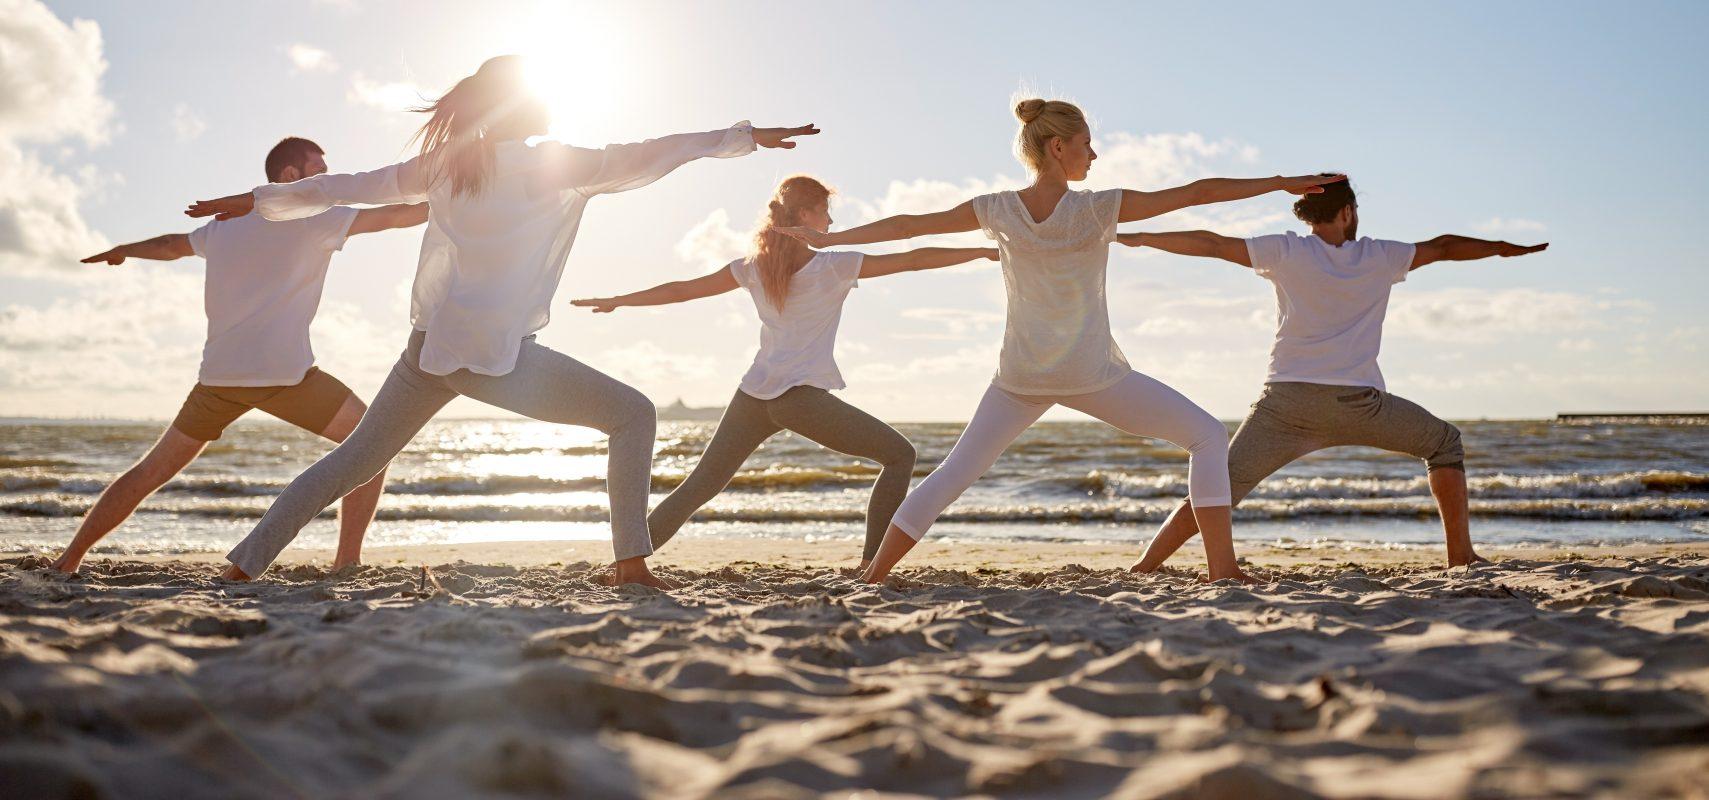 חופשות יוגה, פילאטיס ומדיטציה בעולם - יוגה טרוולס